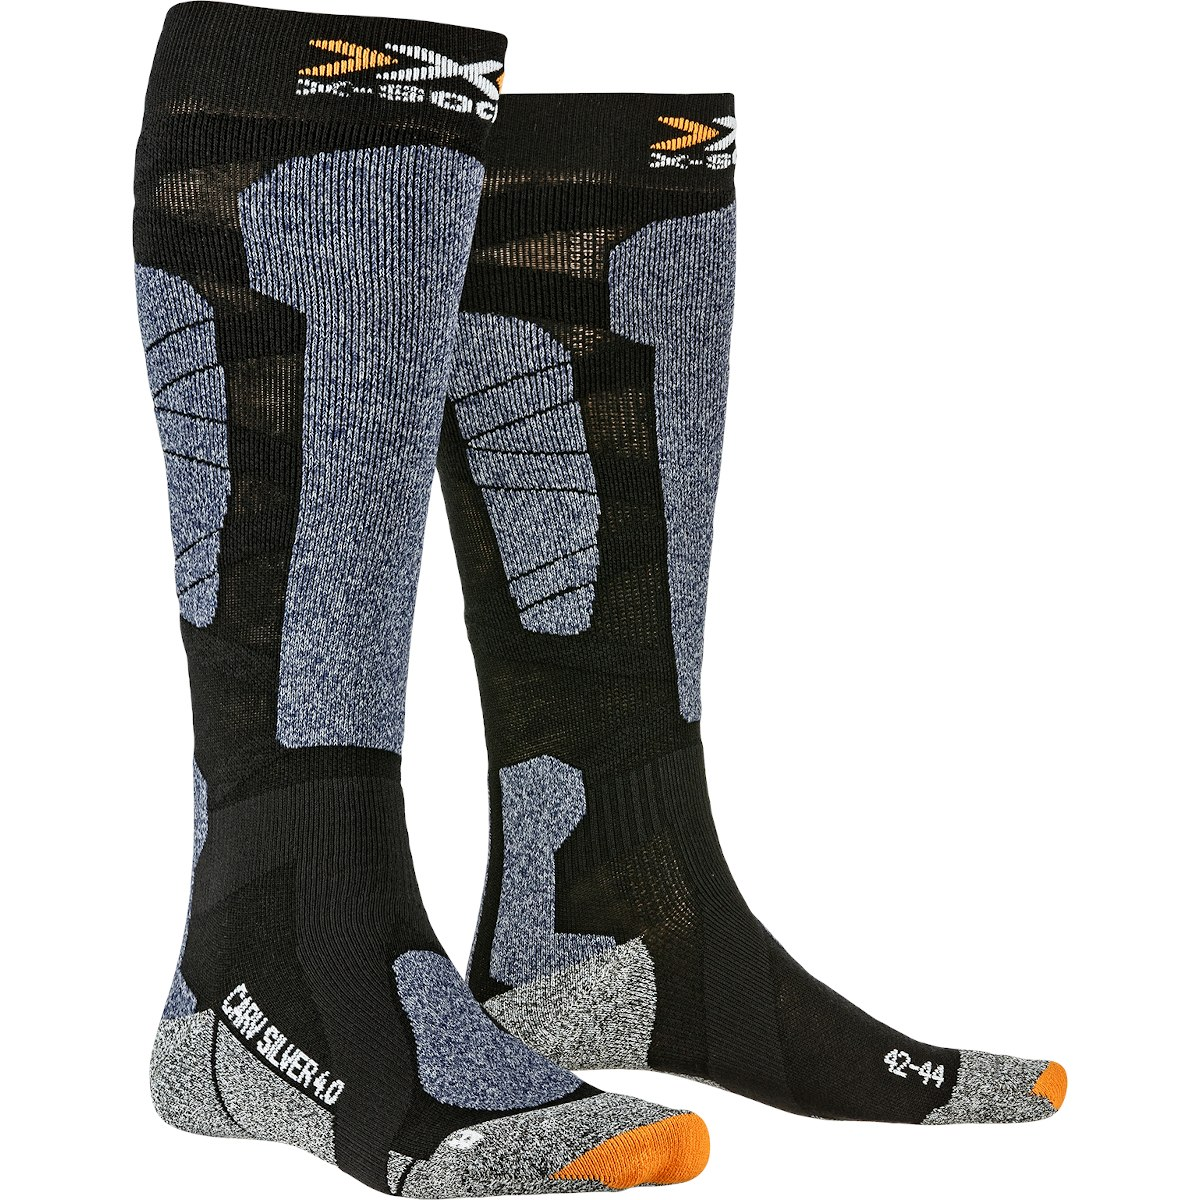 X-Socks Carve Silver 4.0 Socken - black/blue melange